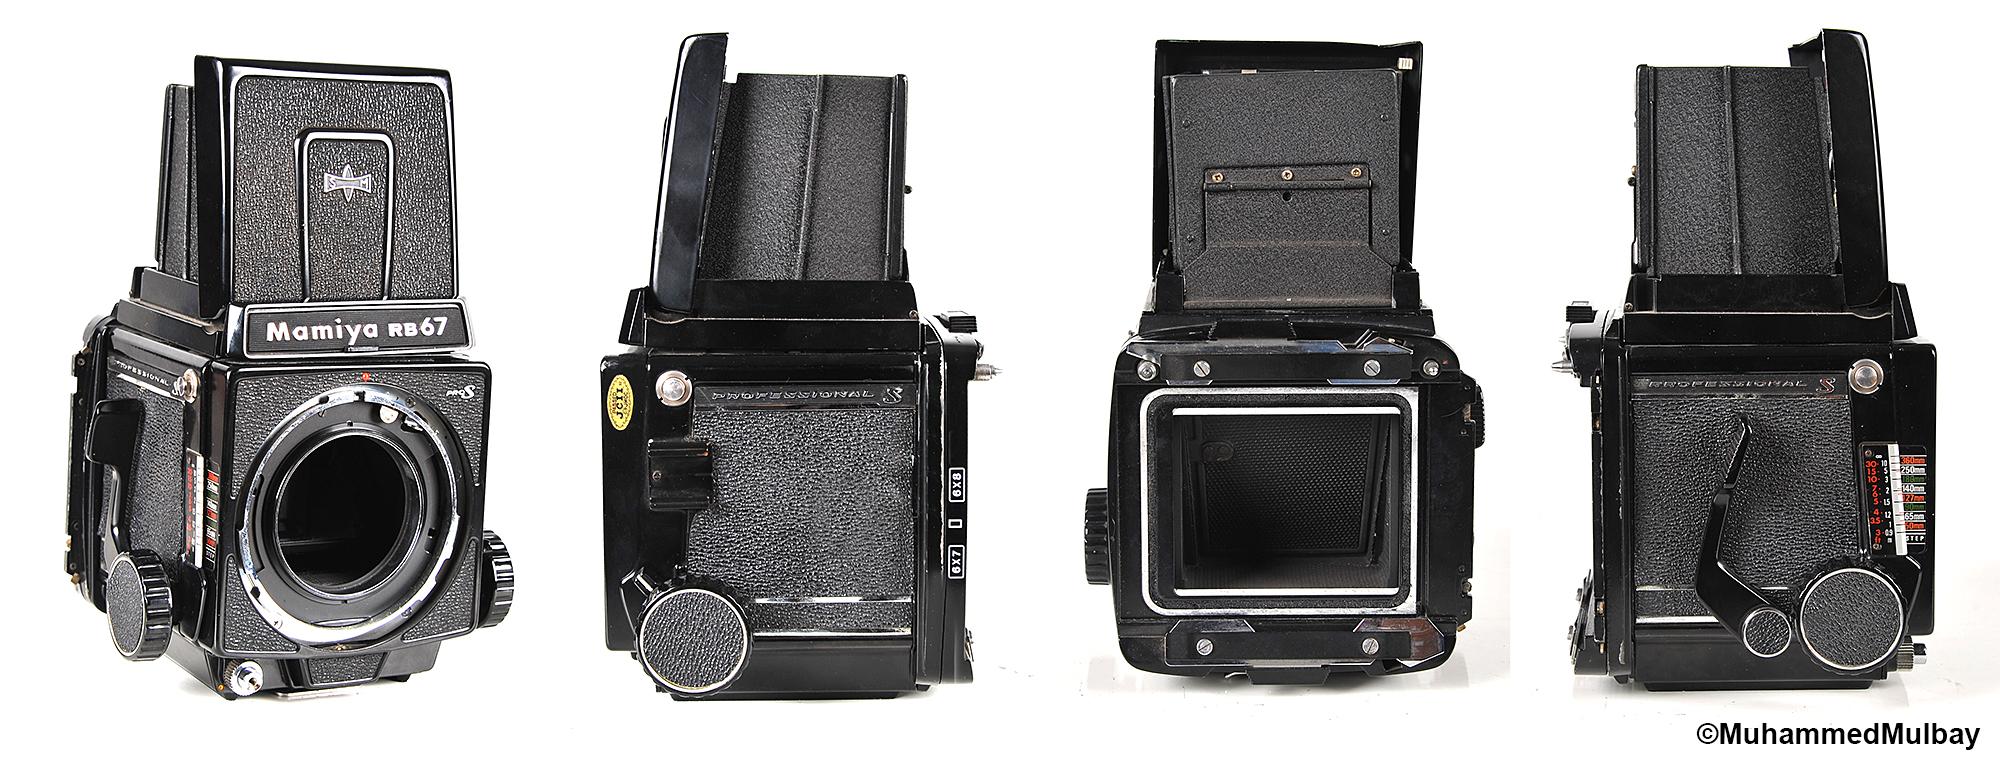 mamiya-rb67-kullanimi-analog-fotografcilik-5-